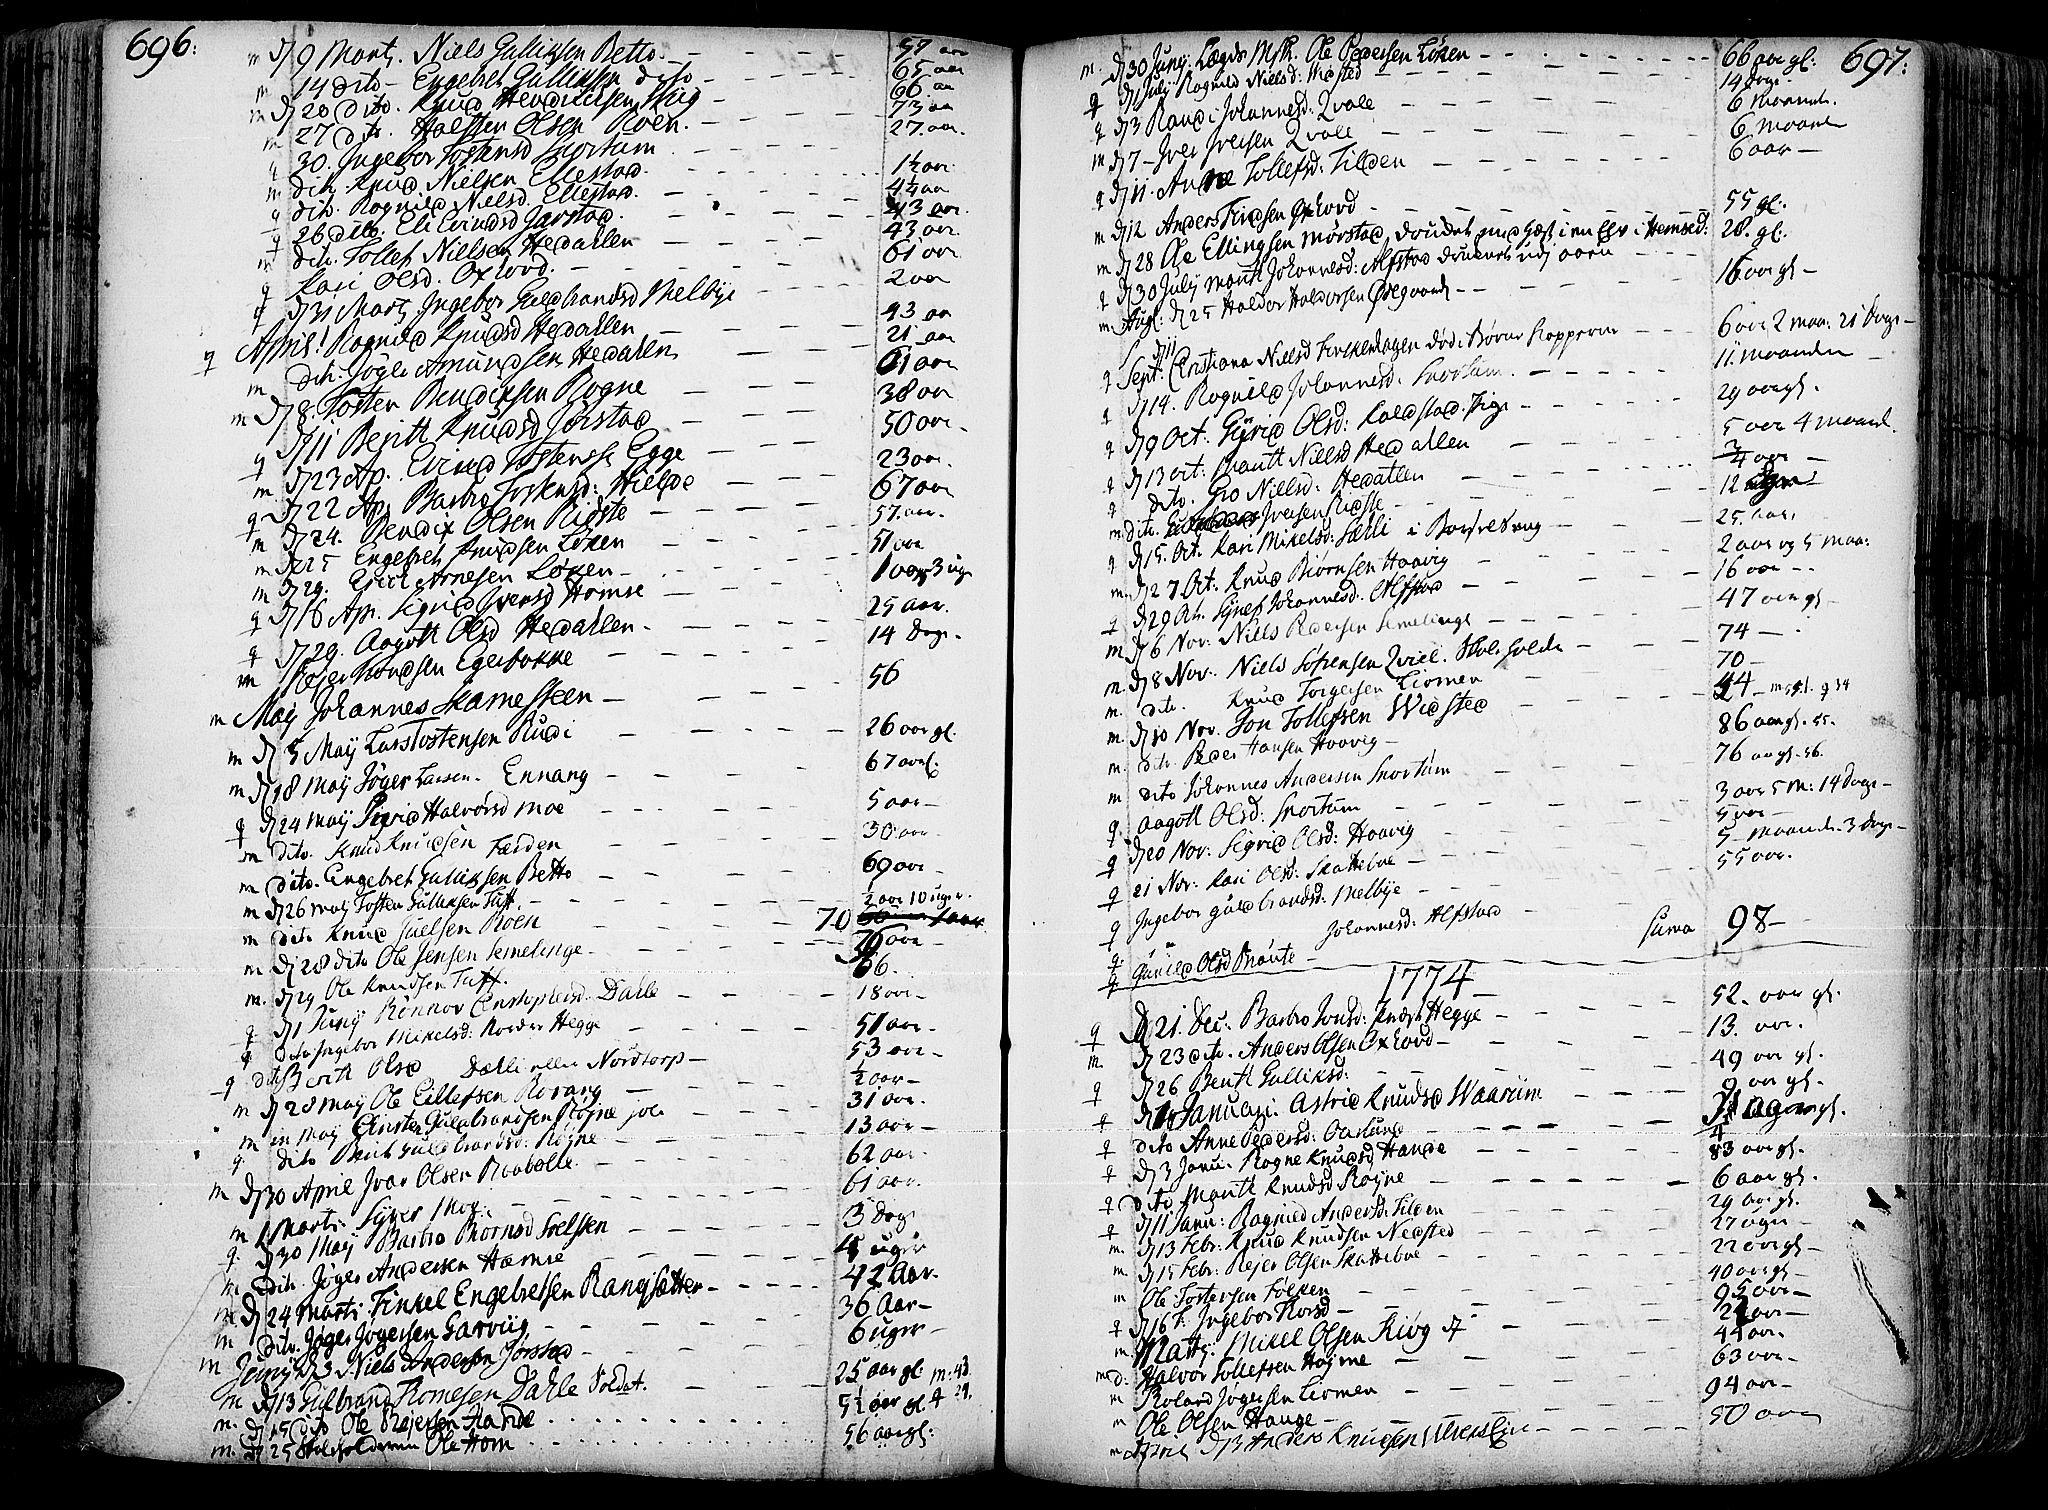 SAH, Slidre prestekontor, Ministerialbok nr. 1, 1724-1814, s. 696-697